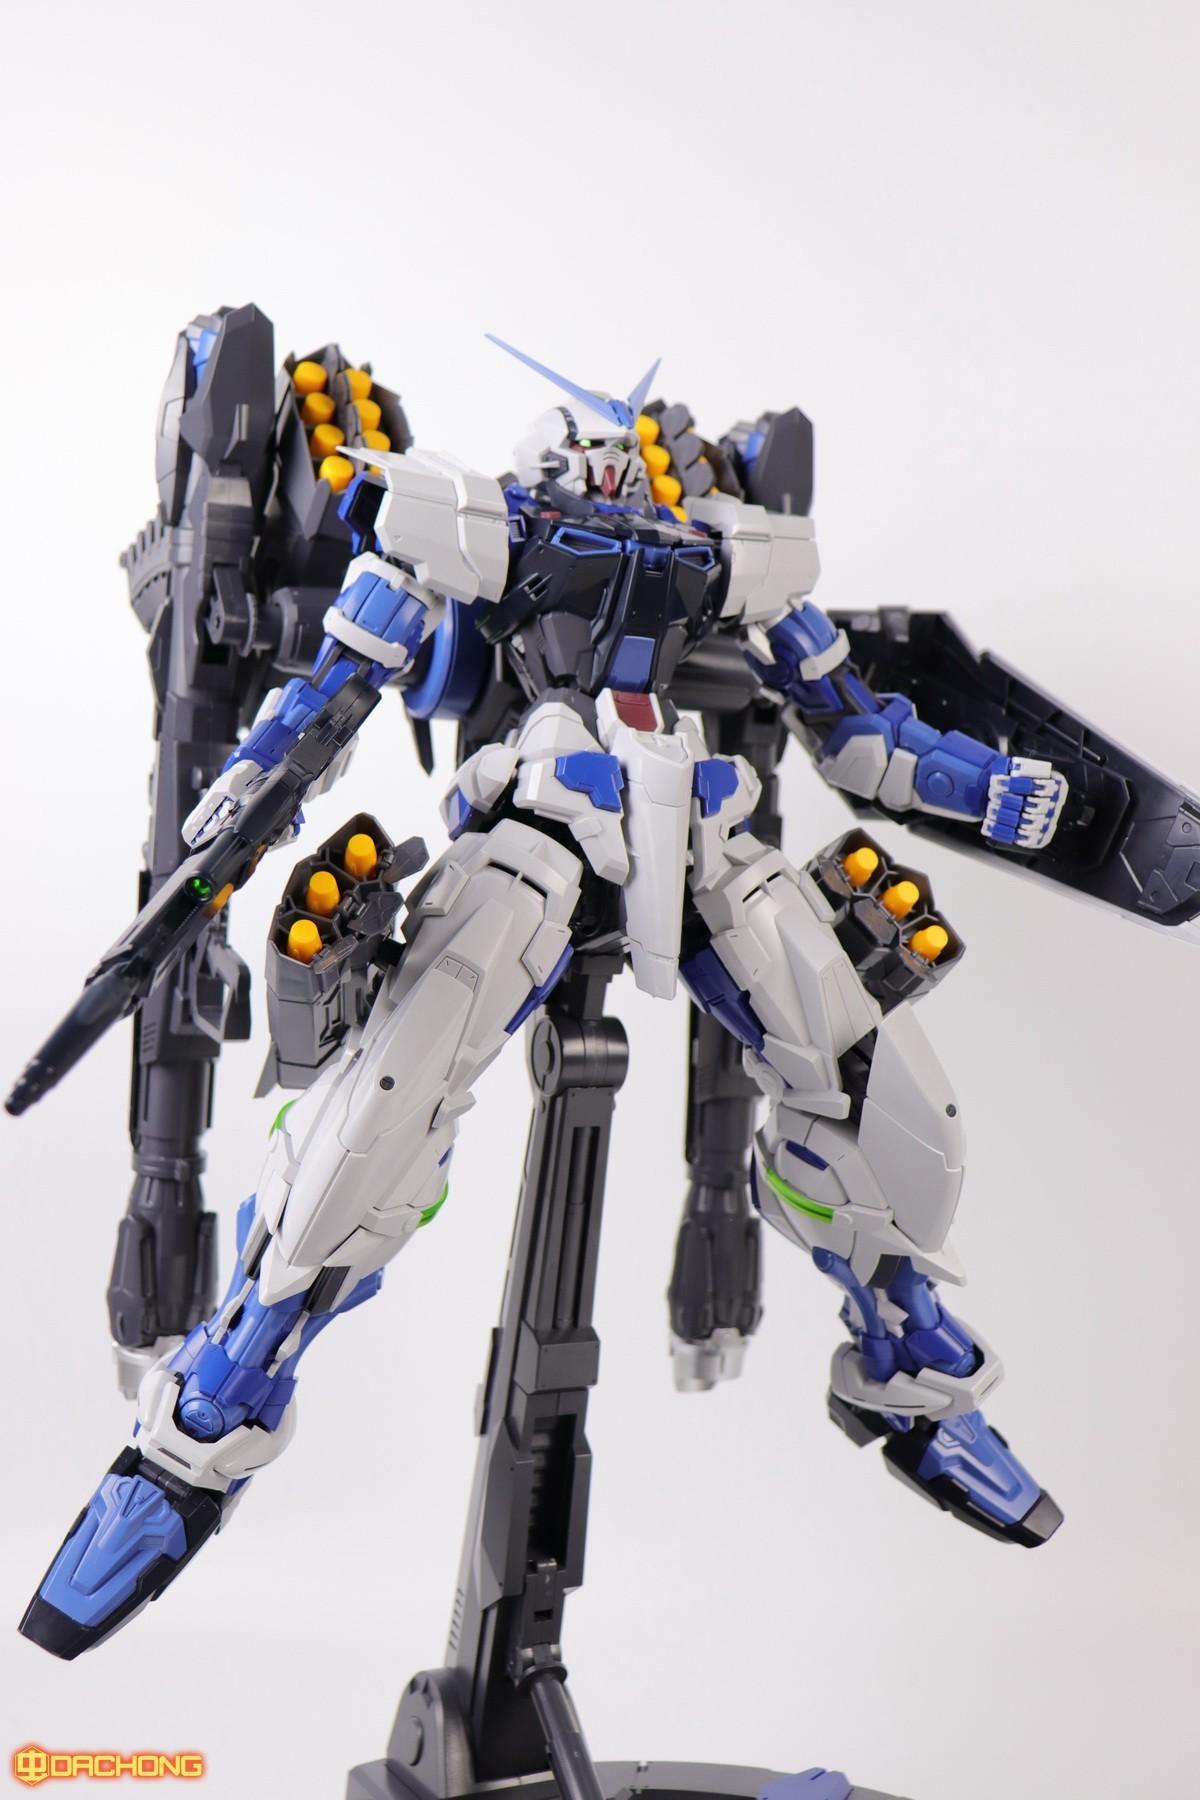 S306_blue_frame_astray_60_087.jpg